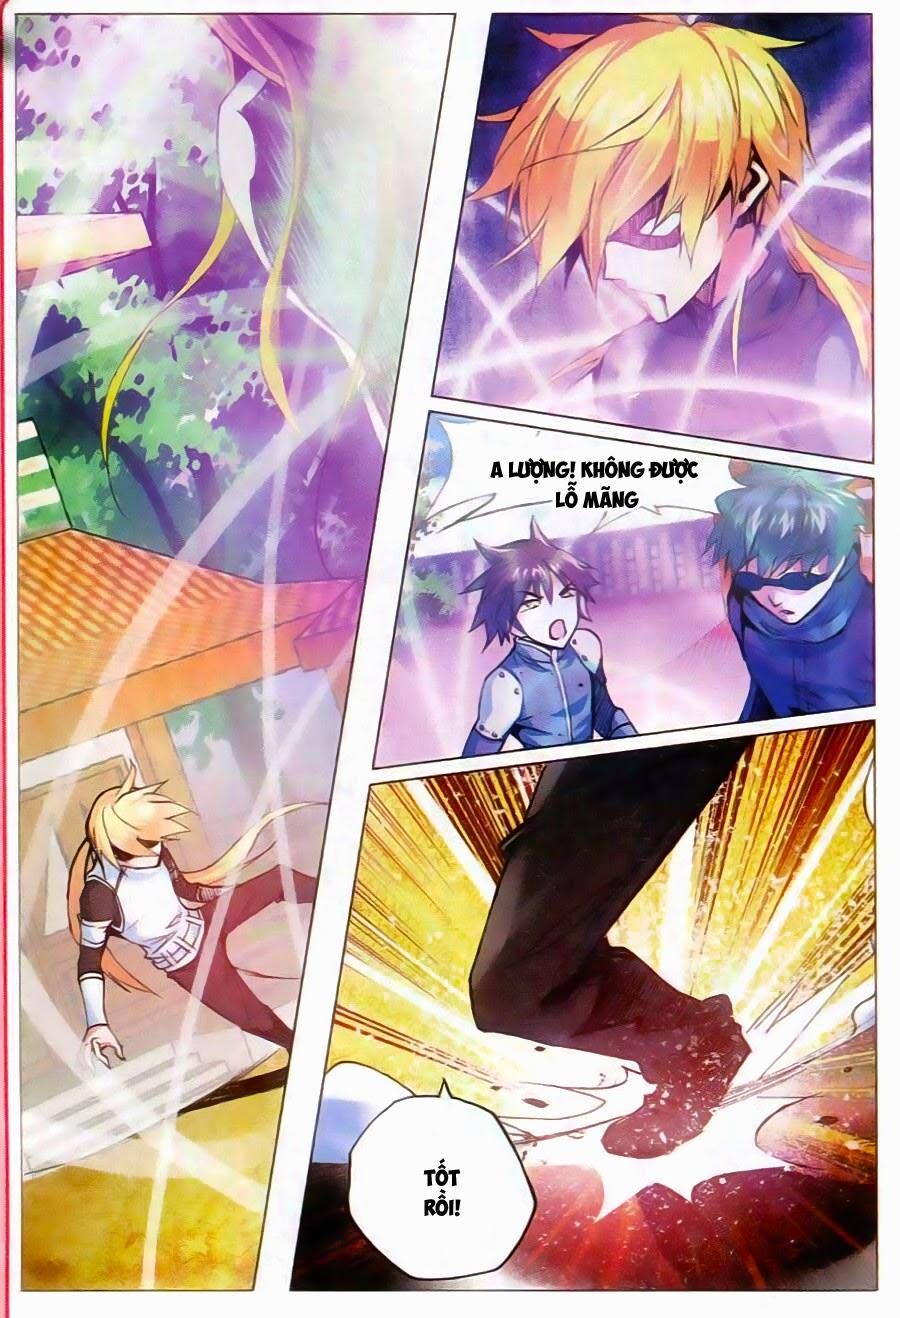 a3manga.com thánh đường chap 16